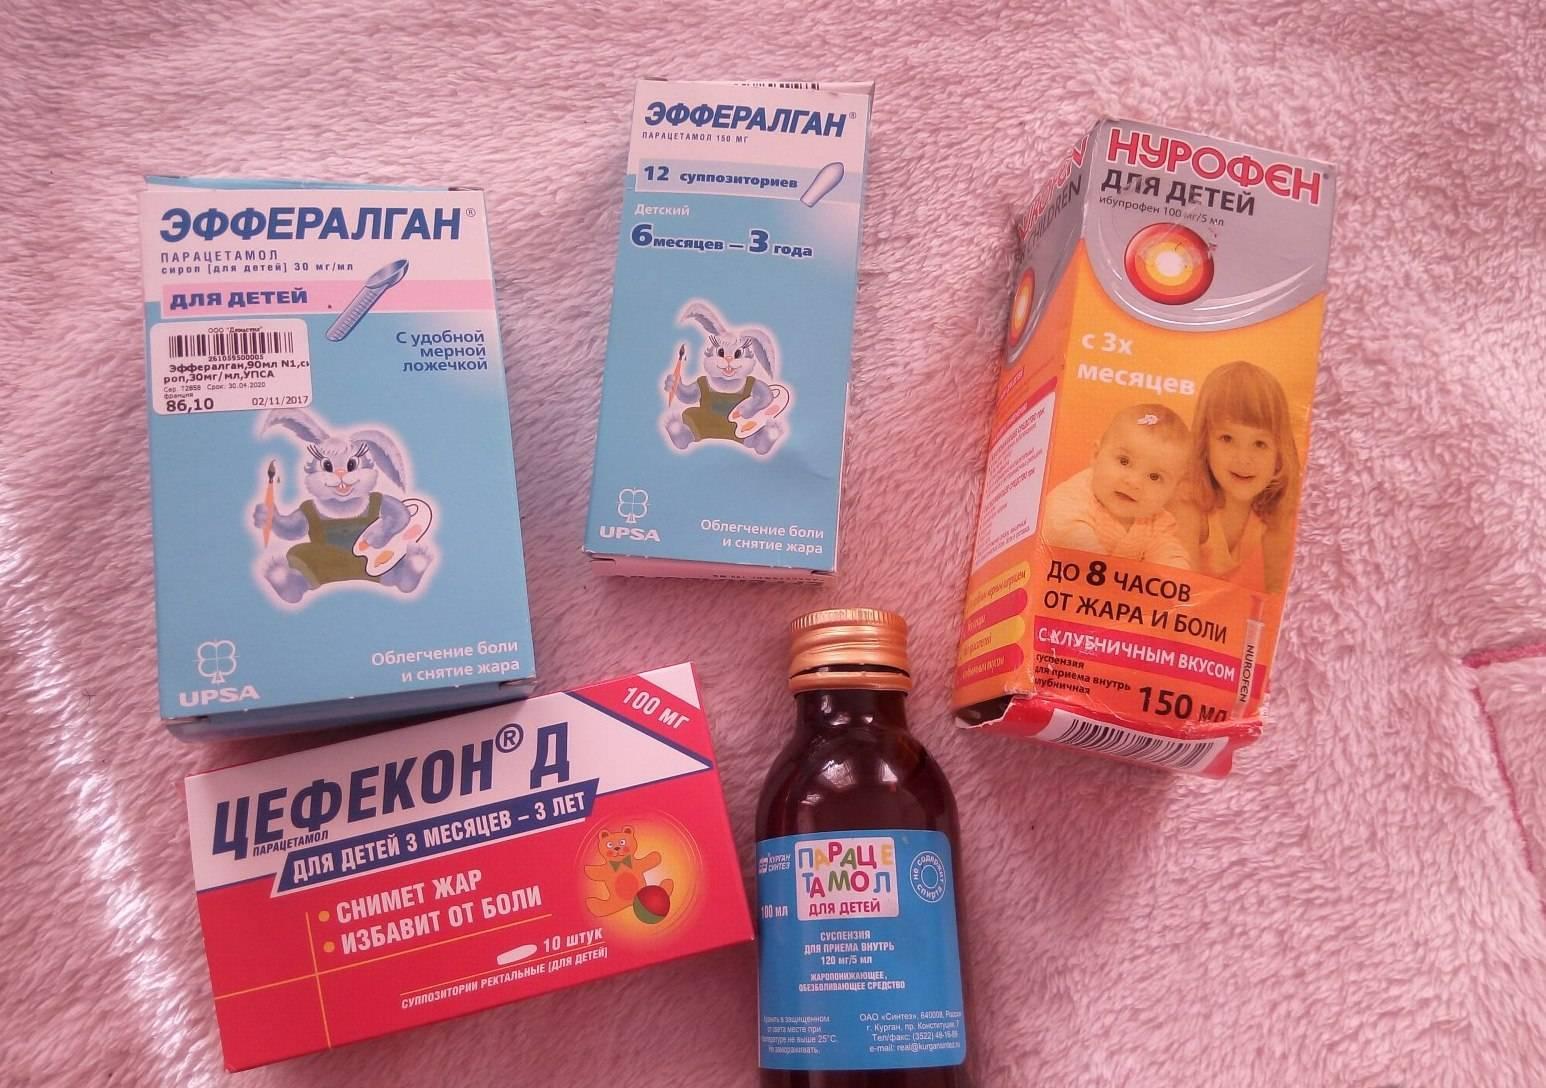 Нурофен сироп для детей